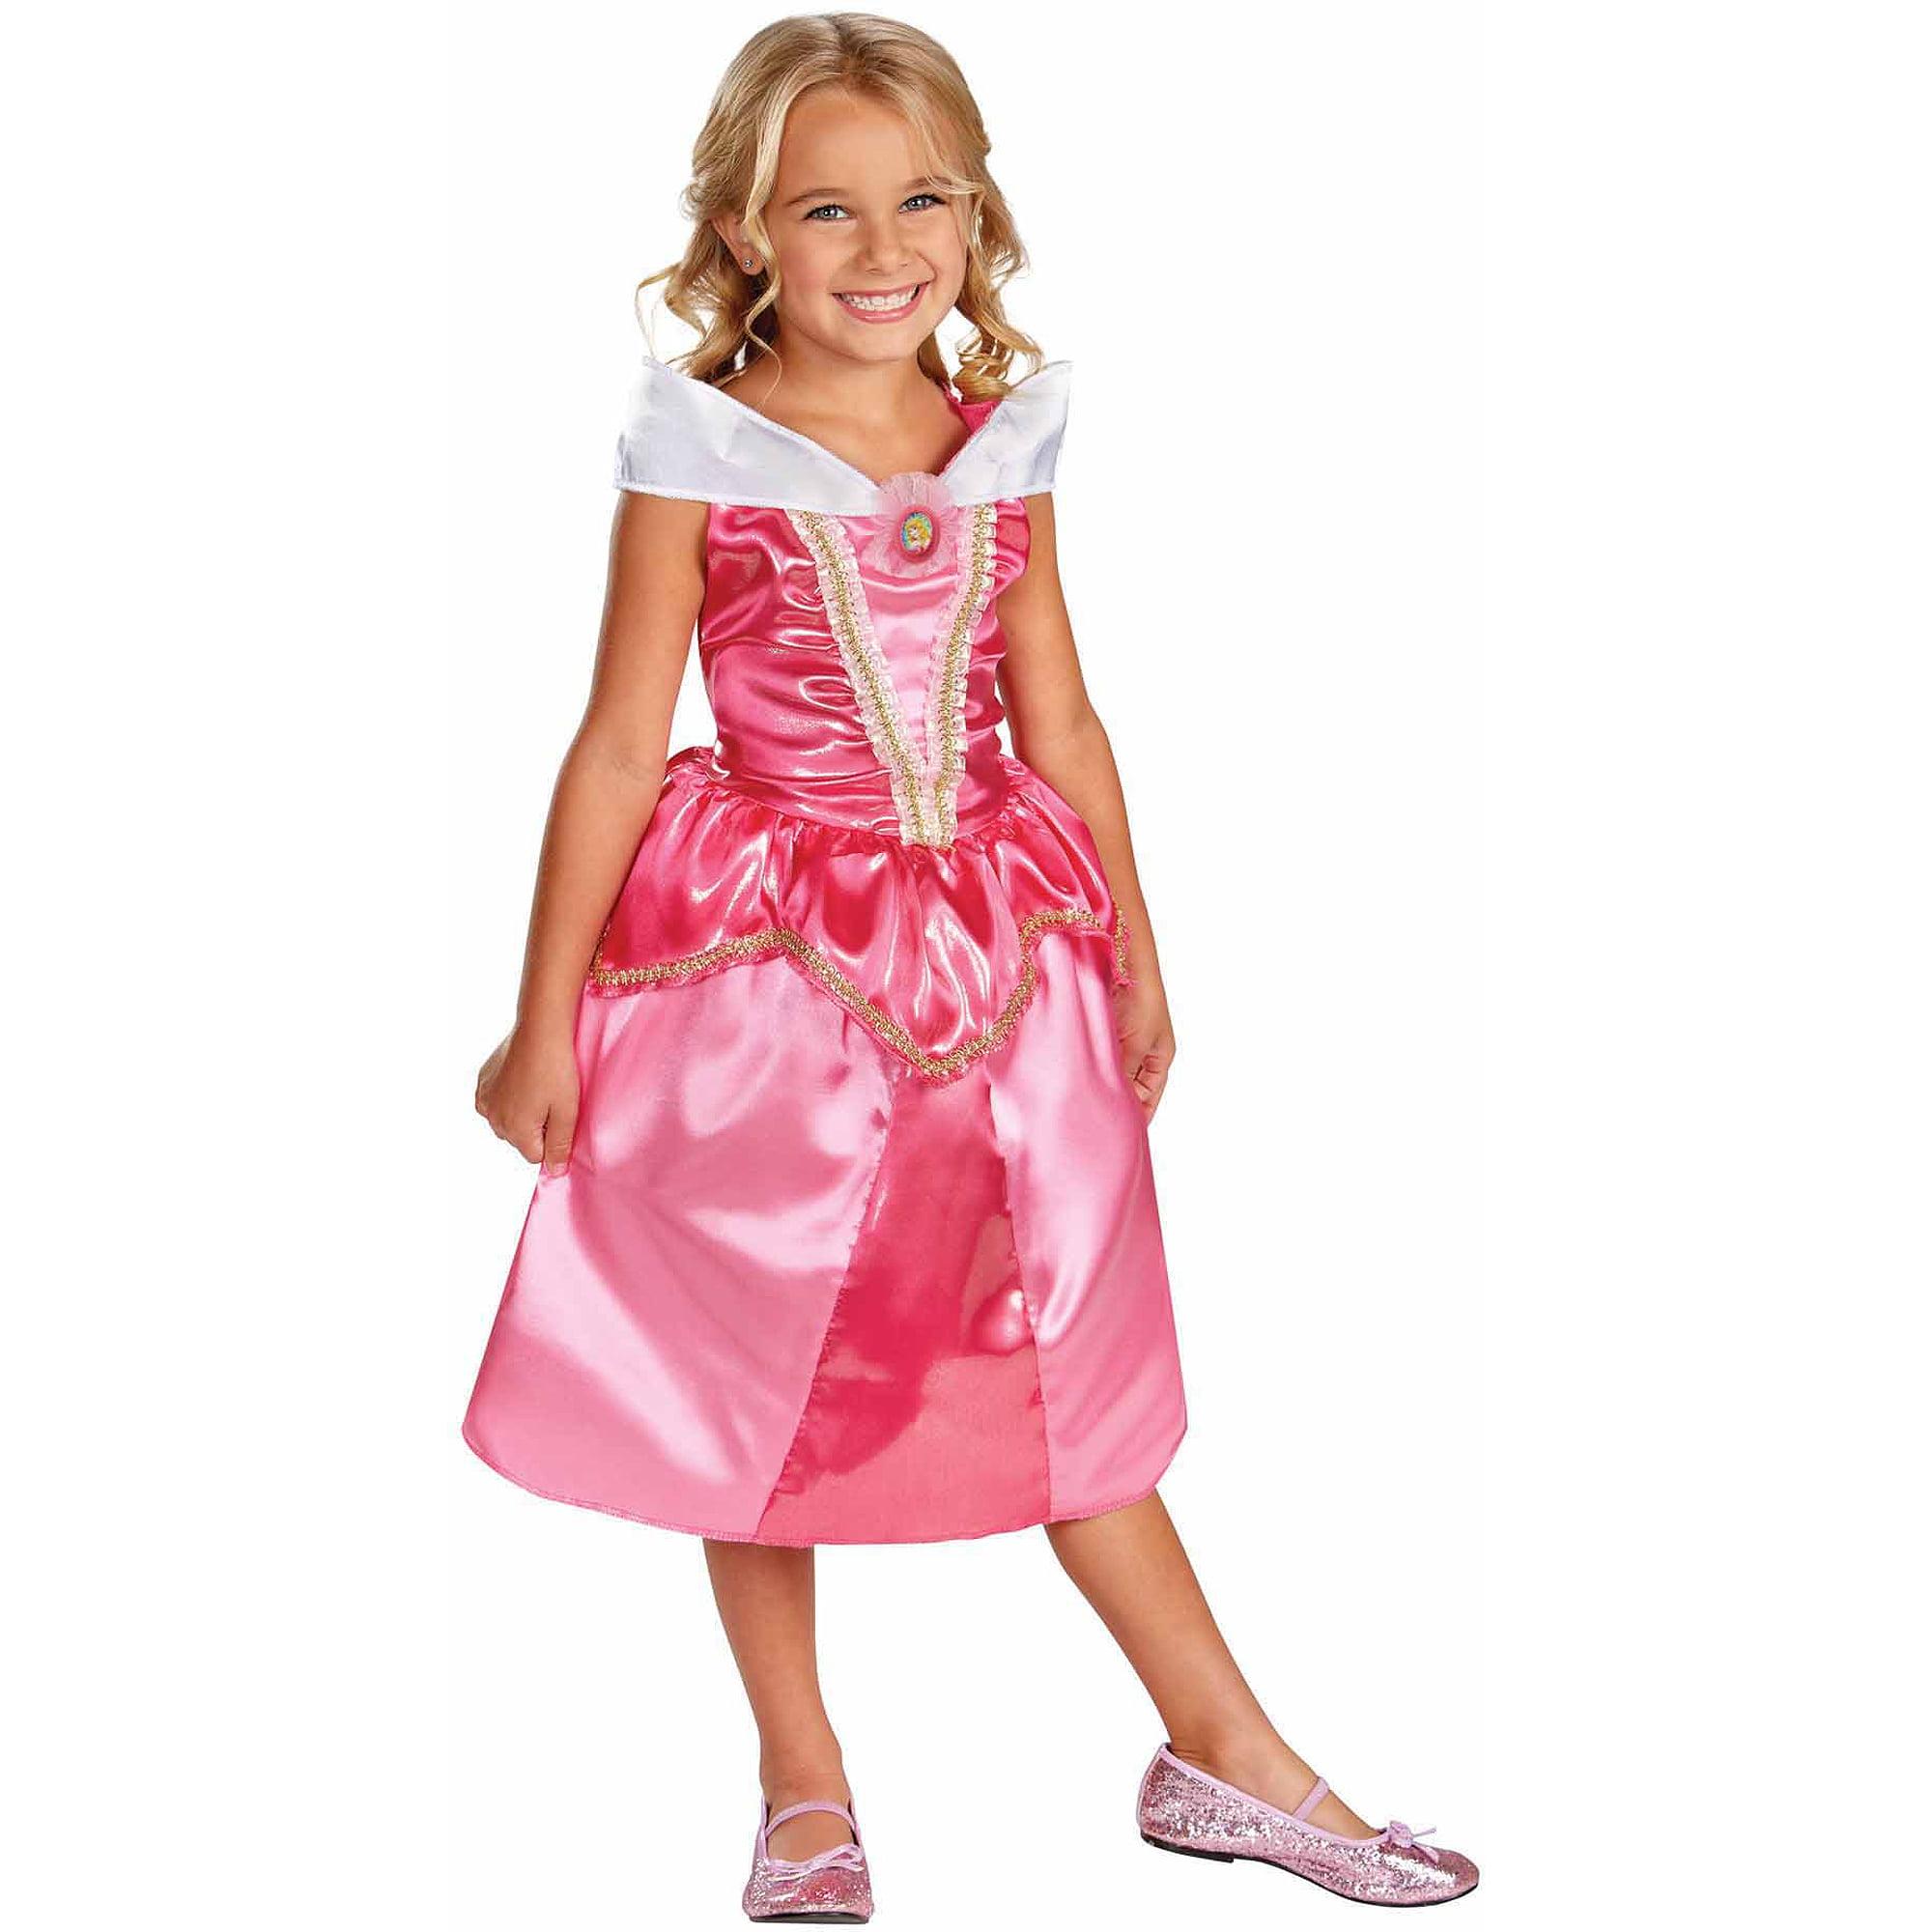 Aurora Sparkle Child Halloween Costume